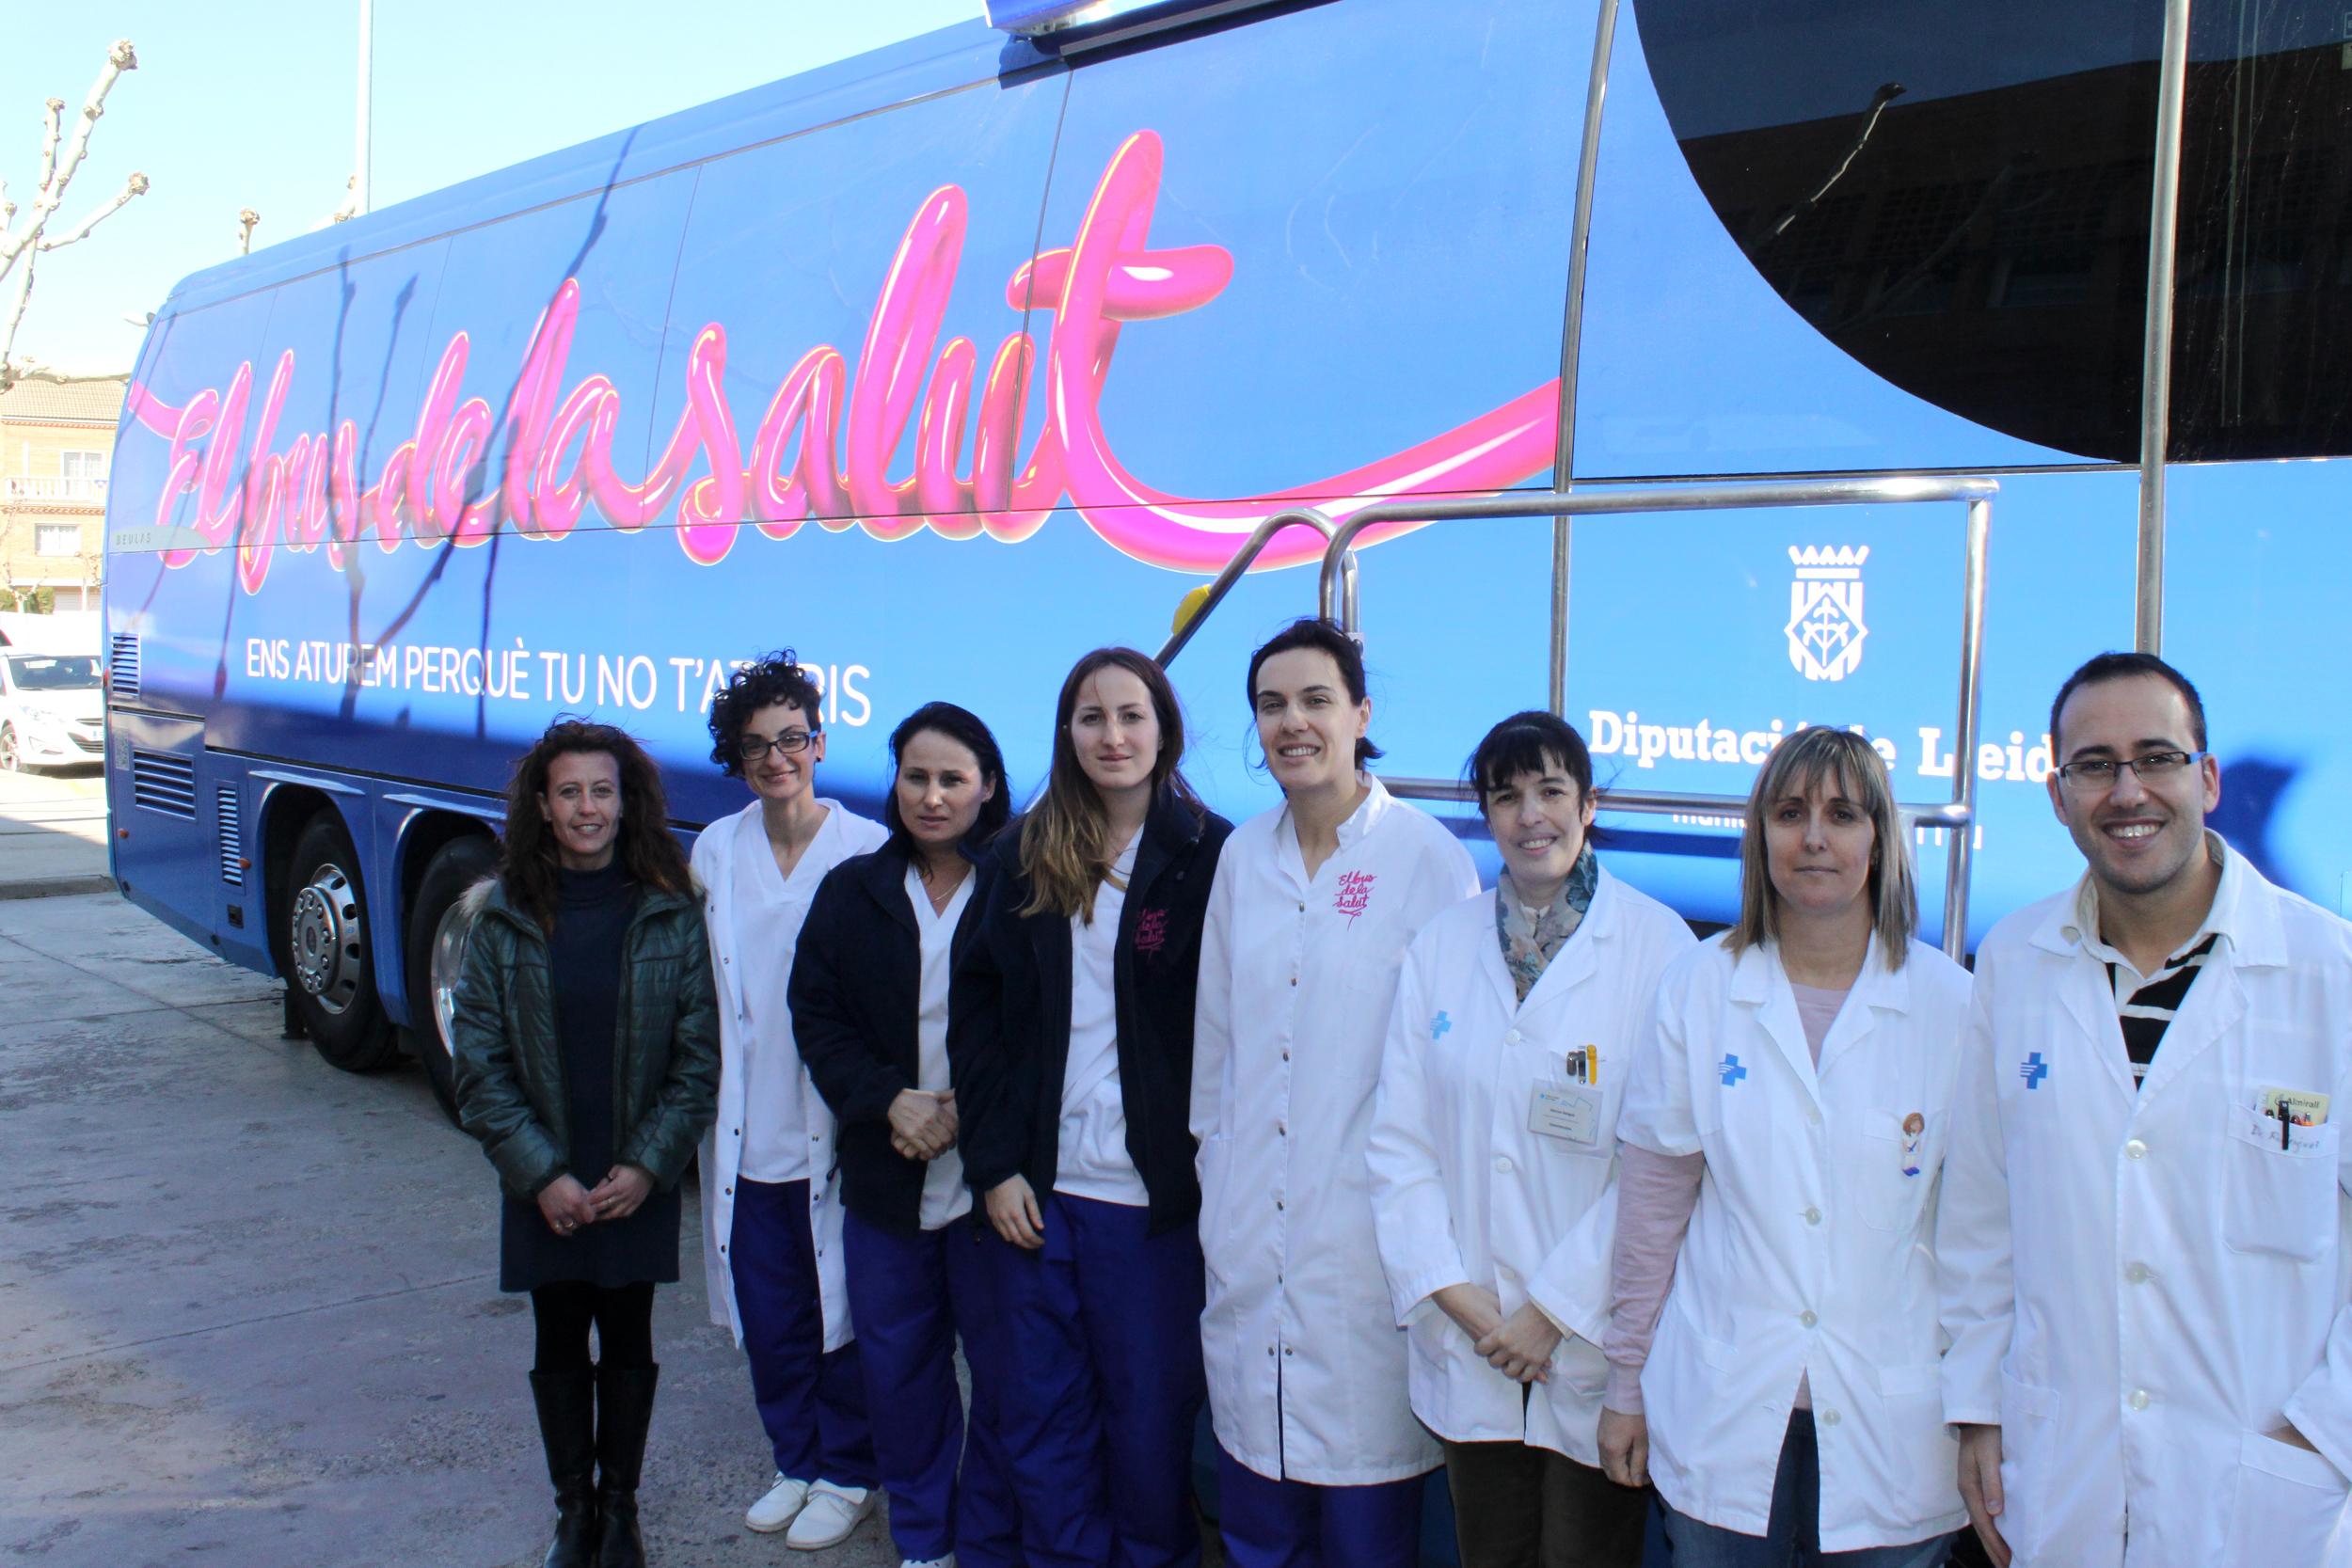 El Bus de la Salut s'atura a Tàrrega per fer proves mèdiques preventives a una vuitantena de persones